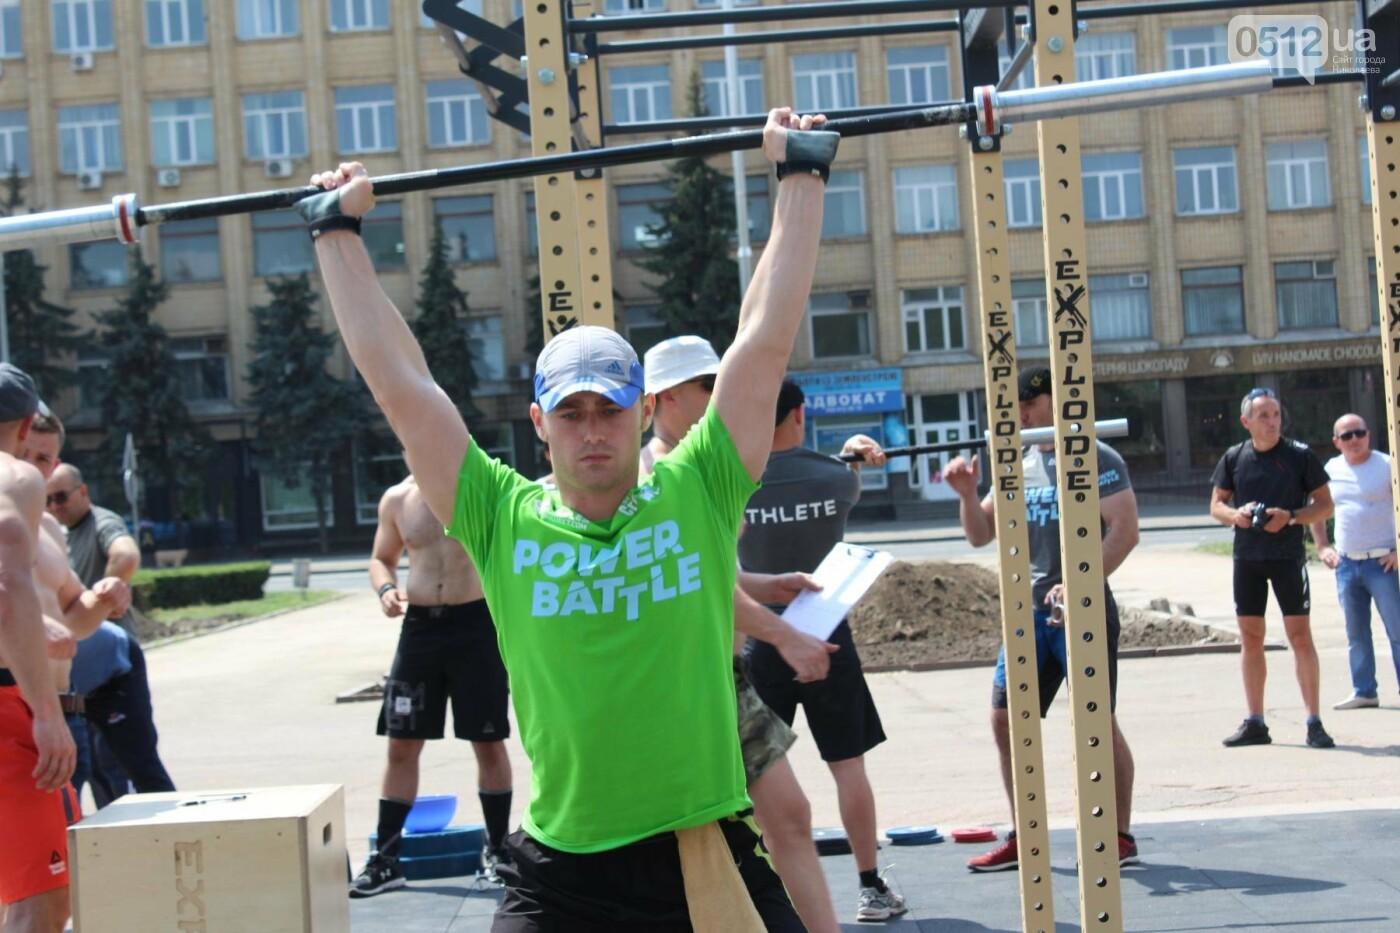 Кто сильнее: в Николаеве прошли соревнования по кроссфиту среди силовых структур, - ФОТО, ВИДЕО, фото-9